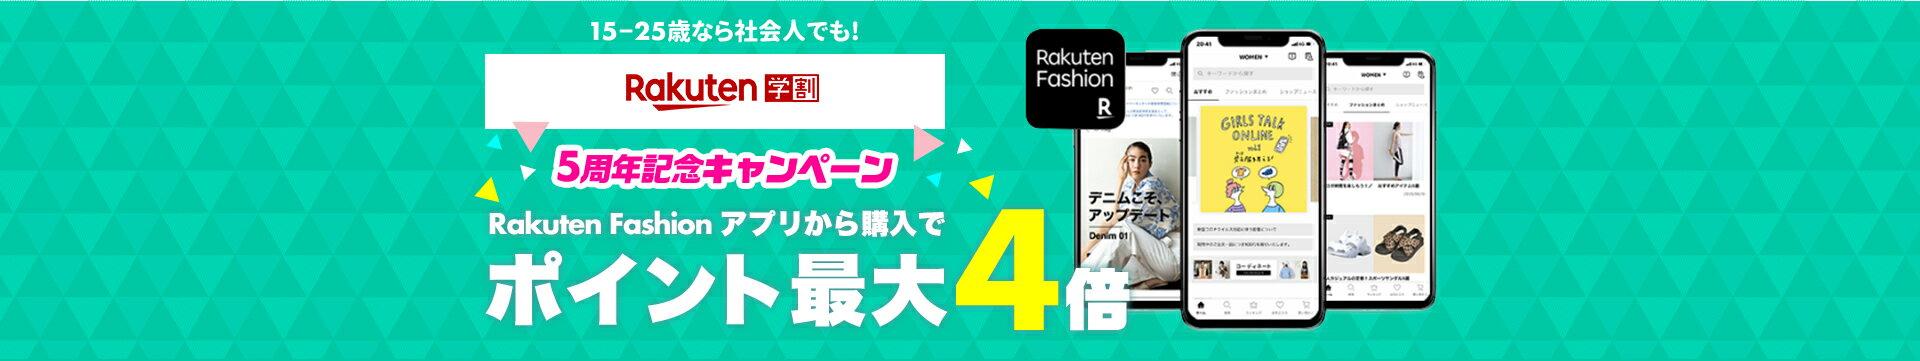 5周年記念キャンペーン 15−25歳なら社会人でも! Rakuten Fashion アプリから購入でポイント最大4倍